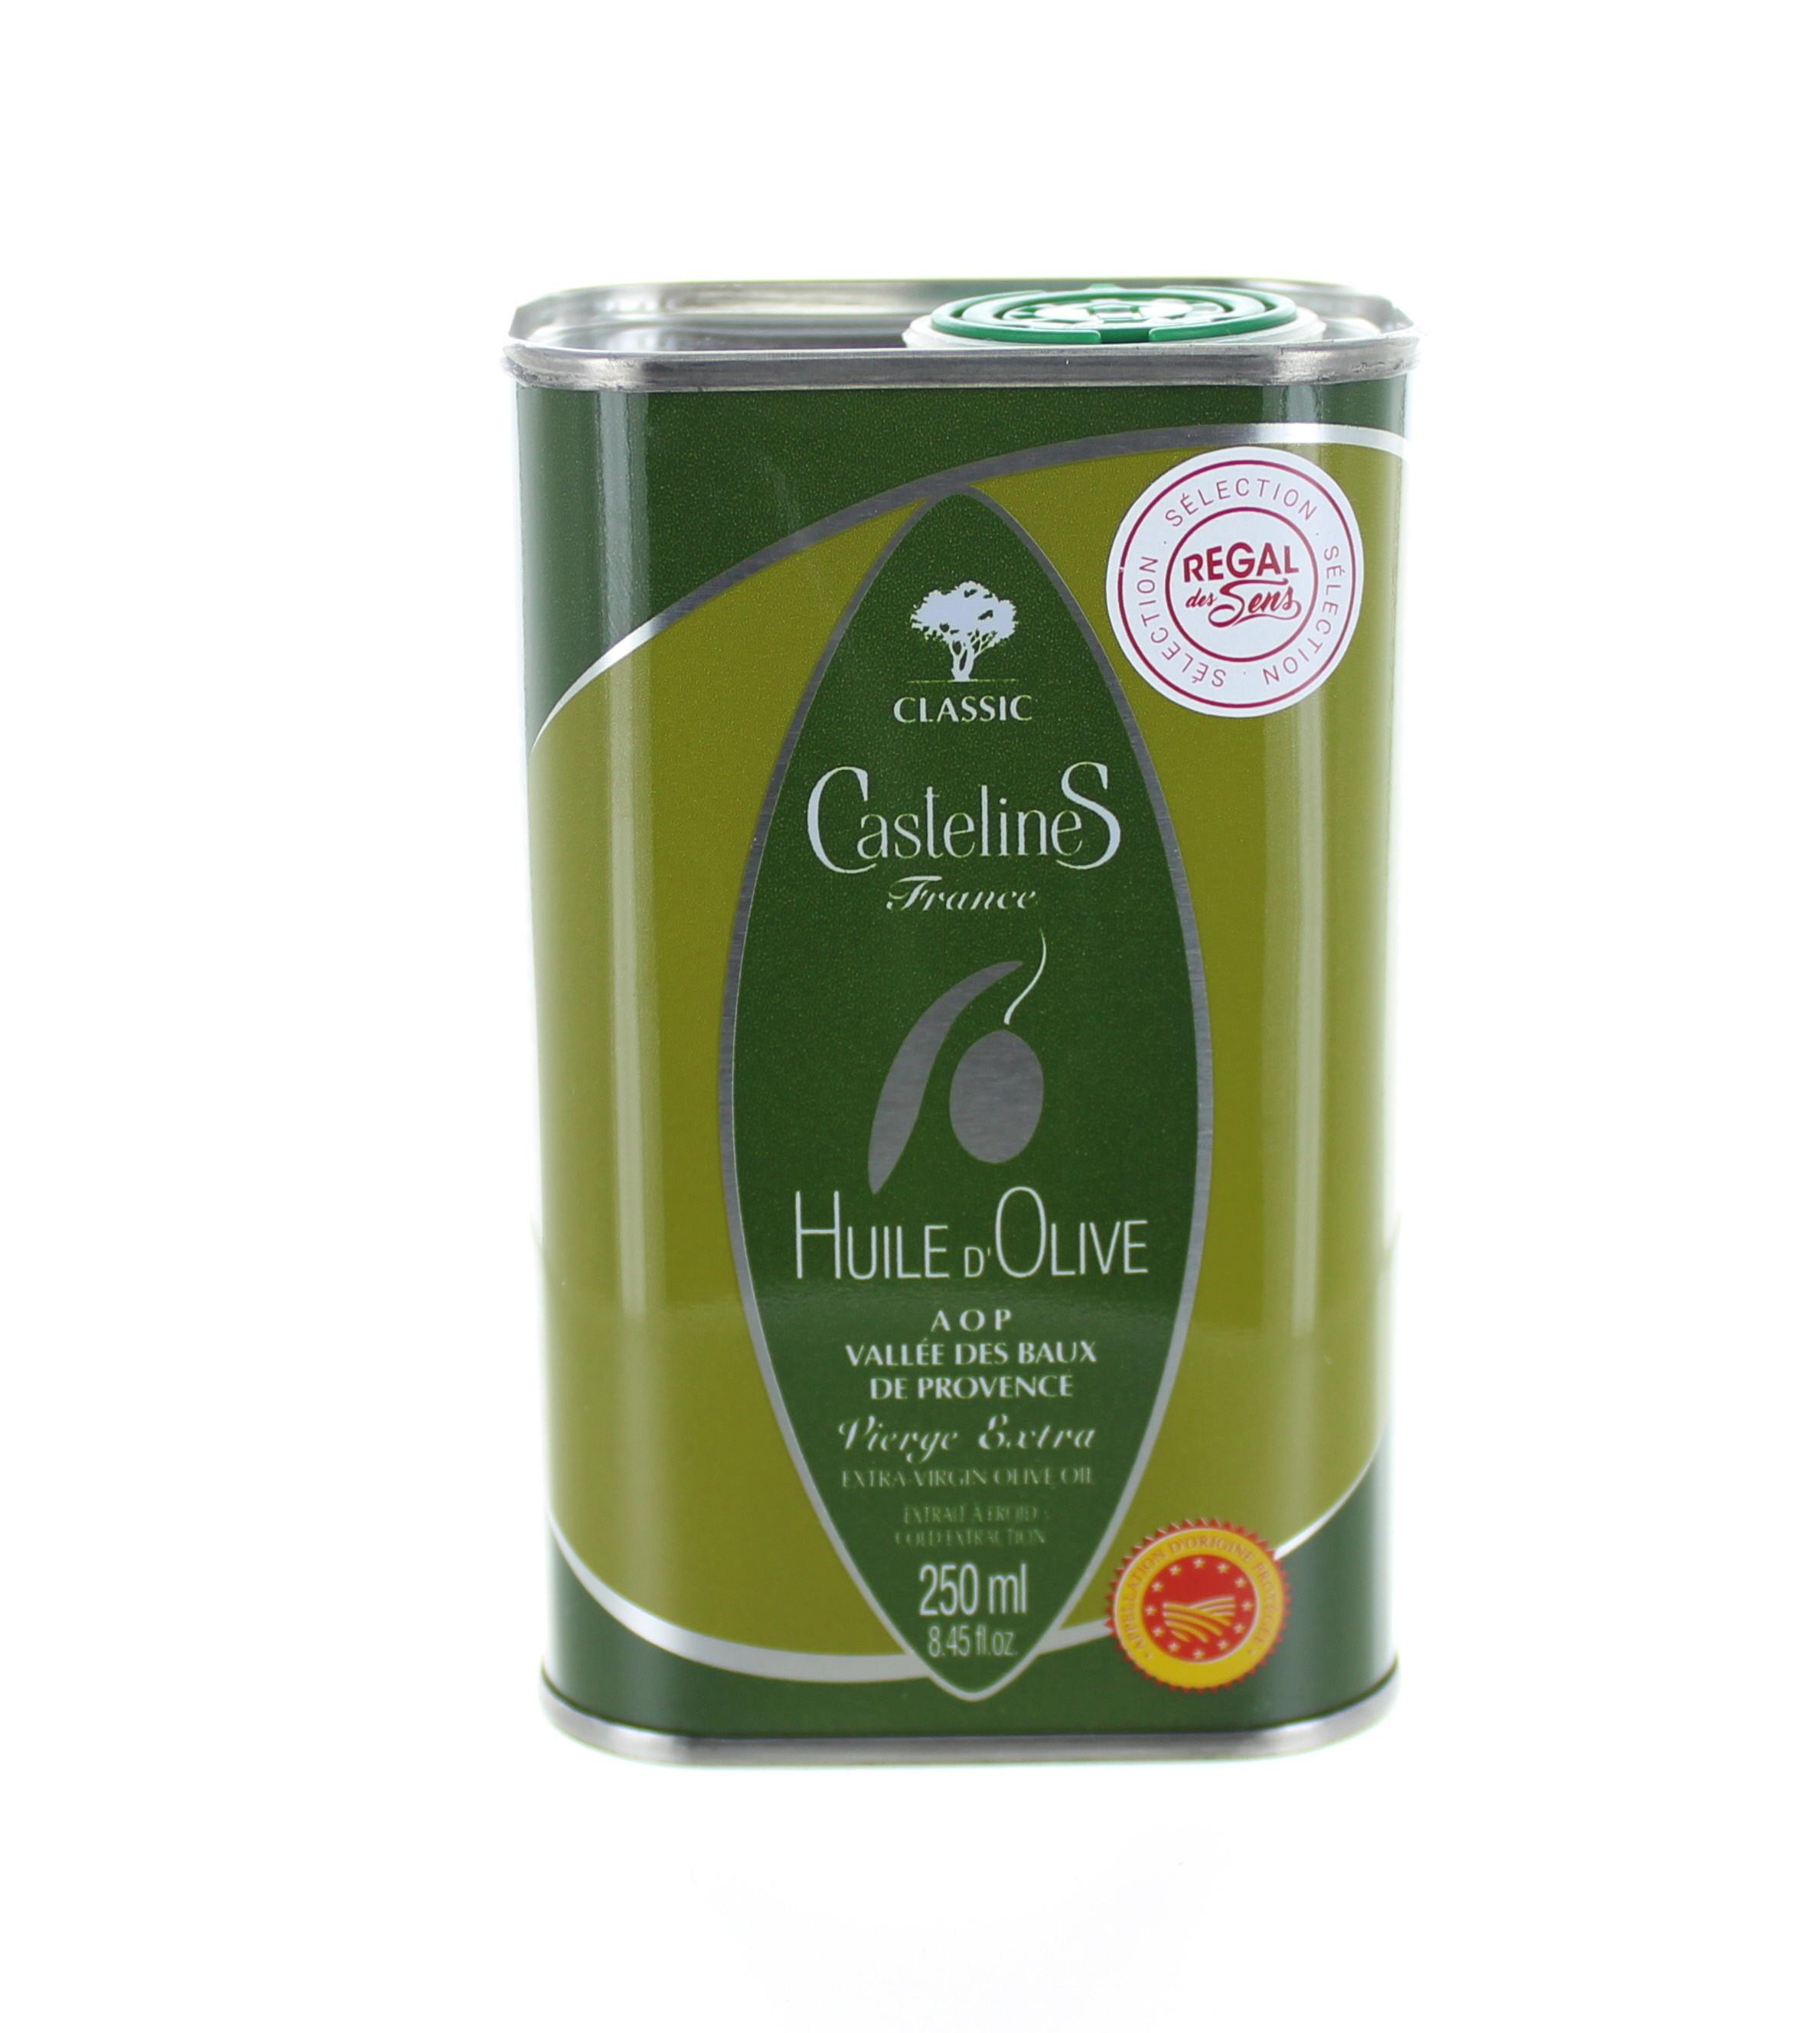 huile d 39 olive des baux de provence fruit vert. Black Bedroom Furniture Sets. Home Design Ideas